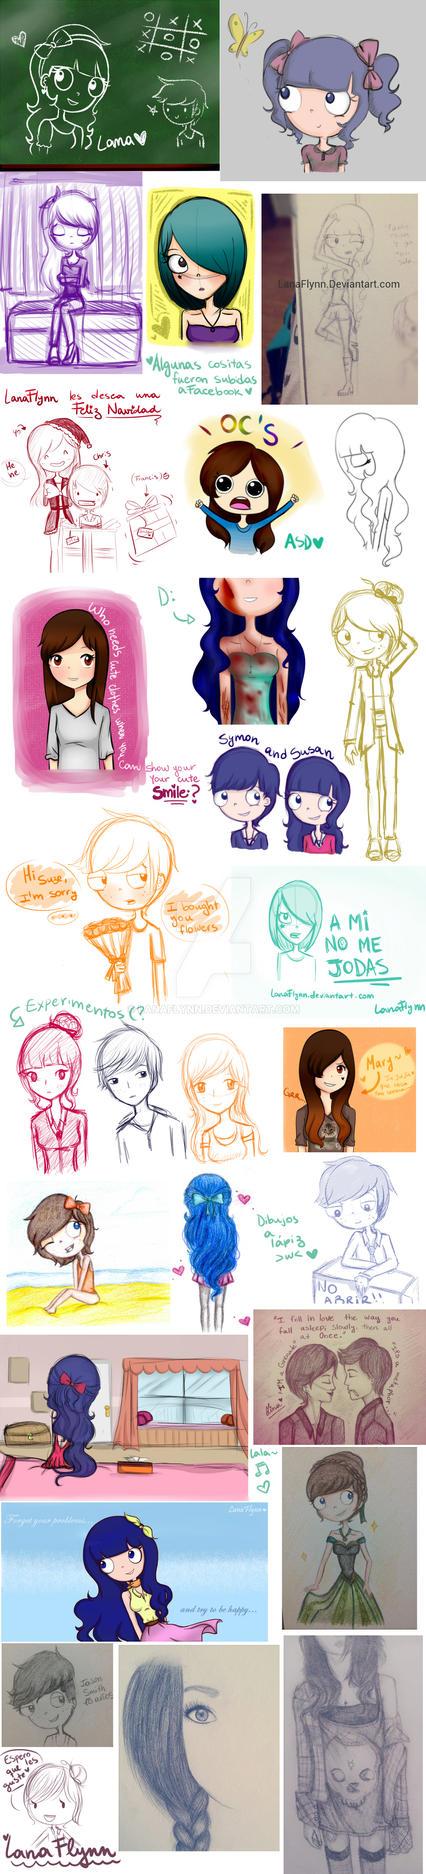 Sketch Dump2 by LanaFlynn